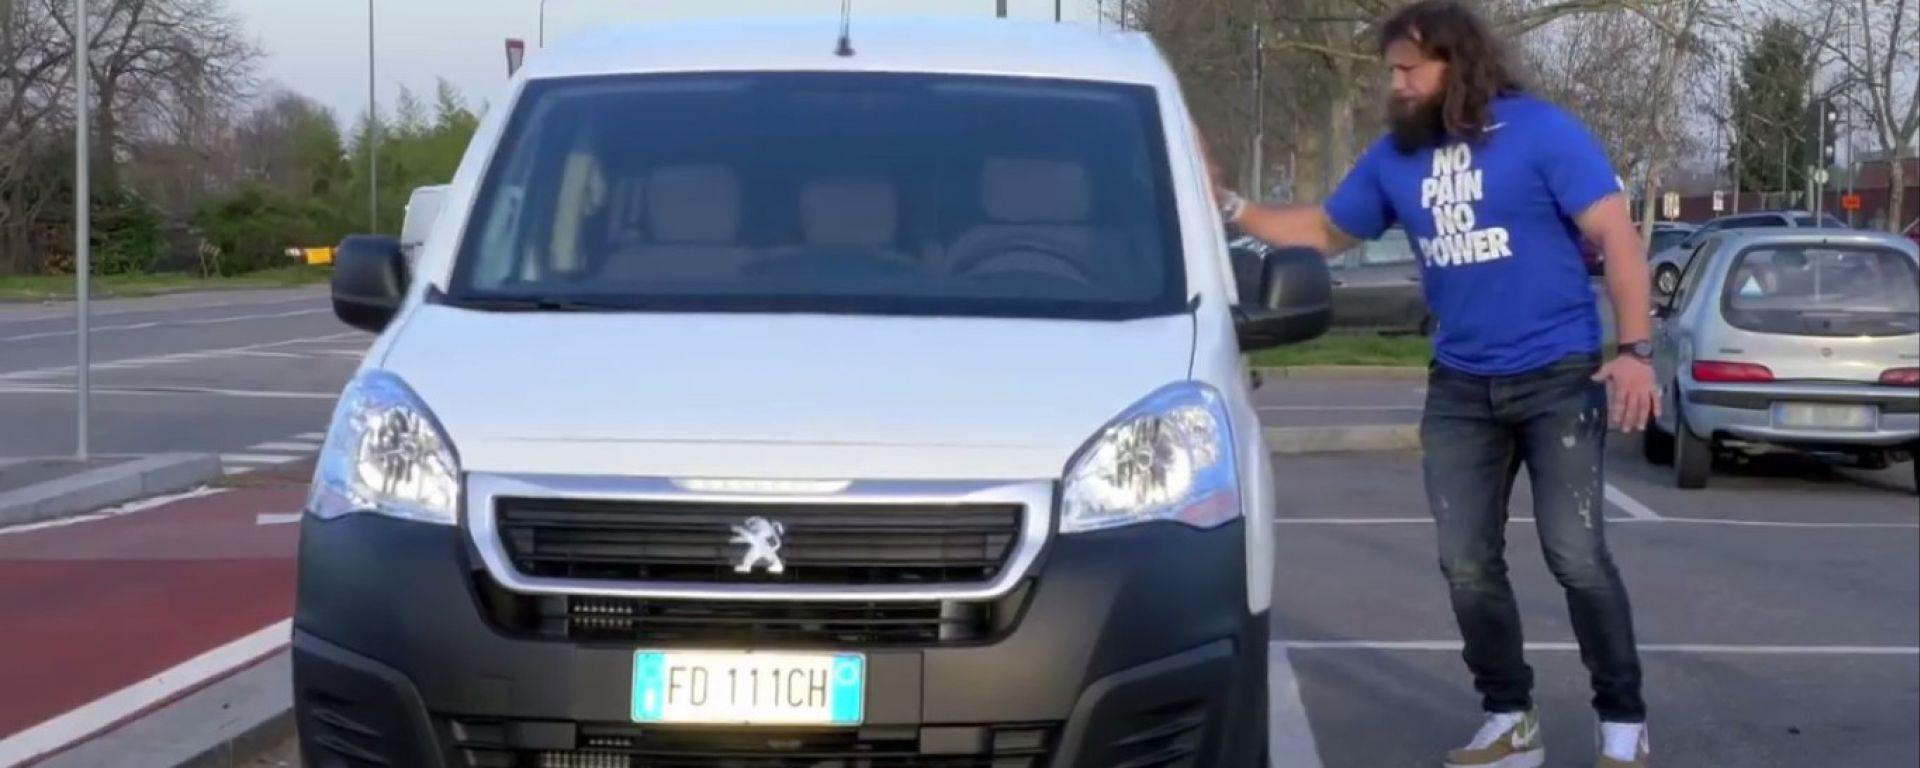 Peugeot sceglie Martín Castrogiovanni come testimonial